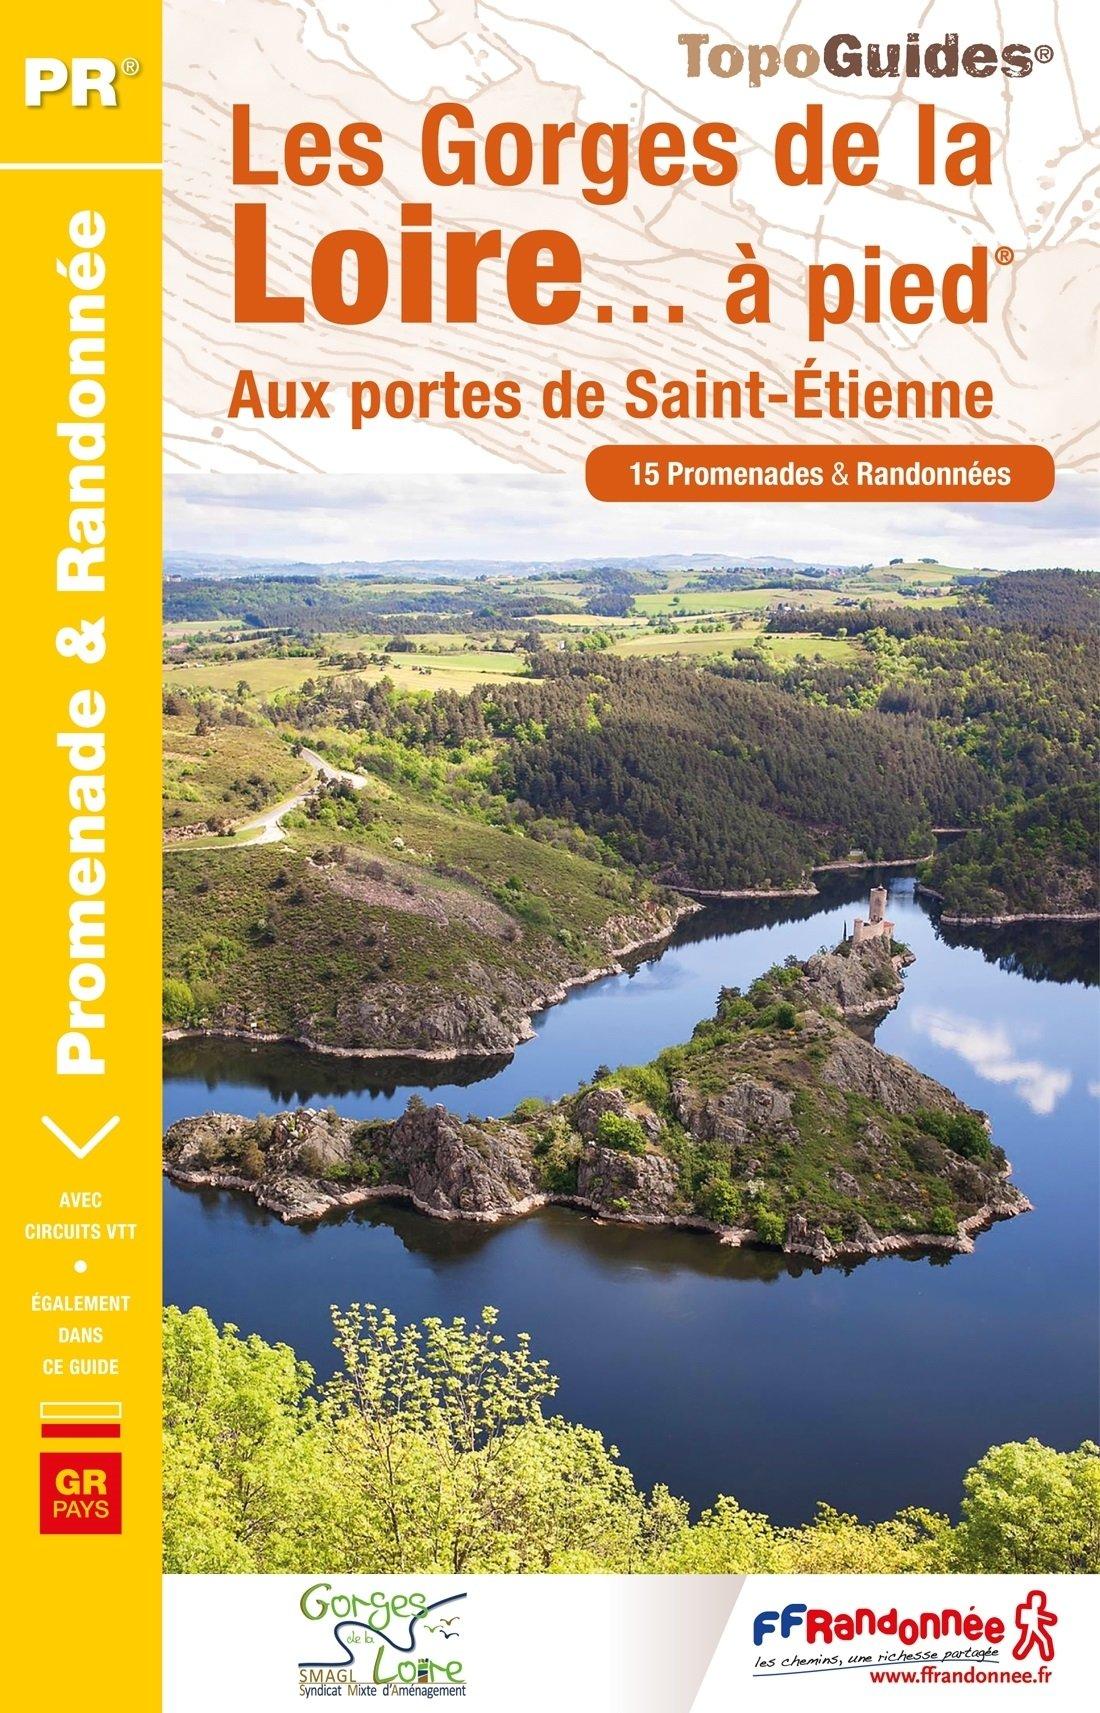 P425 Les Gorges de la Loire   wandelgids 9782751409301  FFRP Topoguides  Wandelgidsen Auvergne, Cantal, Forez